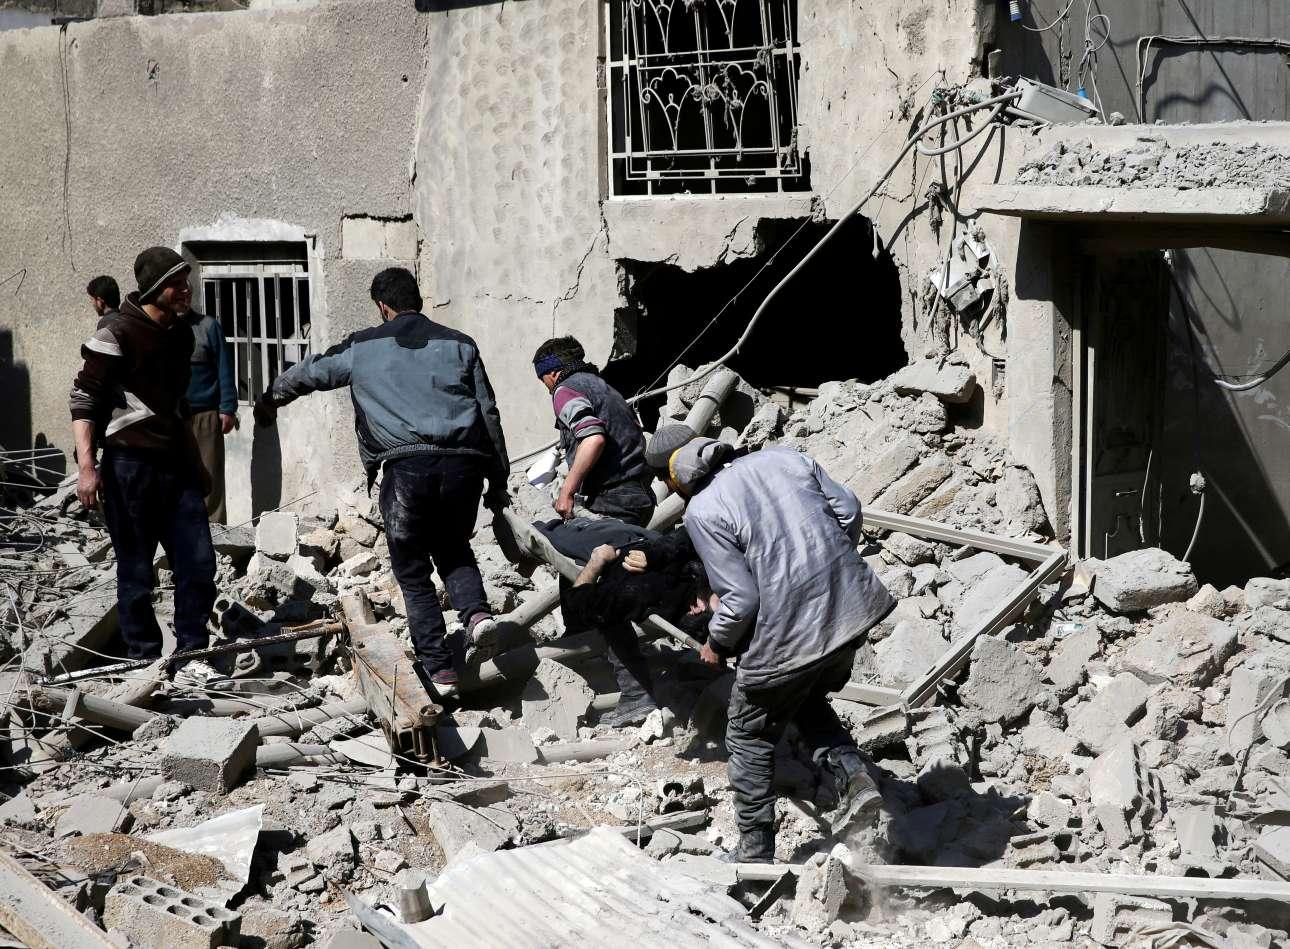 Ακόμη και η UNICEF, που έχει δώσει αμέτρητες ανακοινώσεις στη διάρκεια του επταετούς πολέμου για τα παιδιά της Συρίας, στέρεψε από λόγια. «Καμία λέξη δεν θα φέρει δικαιοσύνη για τα παιδιά που σκοτώθηκαν, τις μητέρες τους, τους πατεράδες τους και τα αγαπημένα τους πρόσωπα» είπε